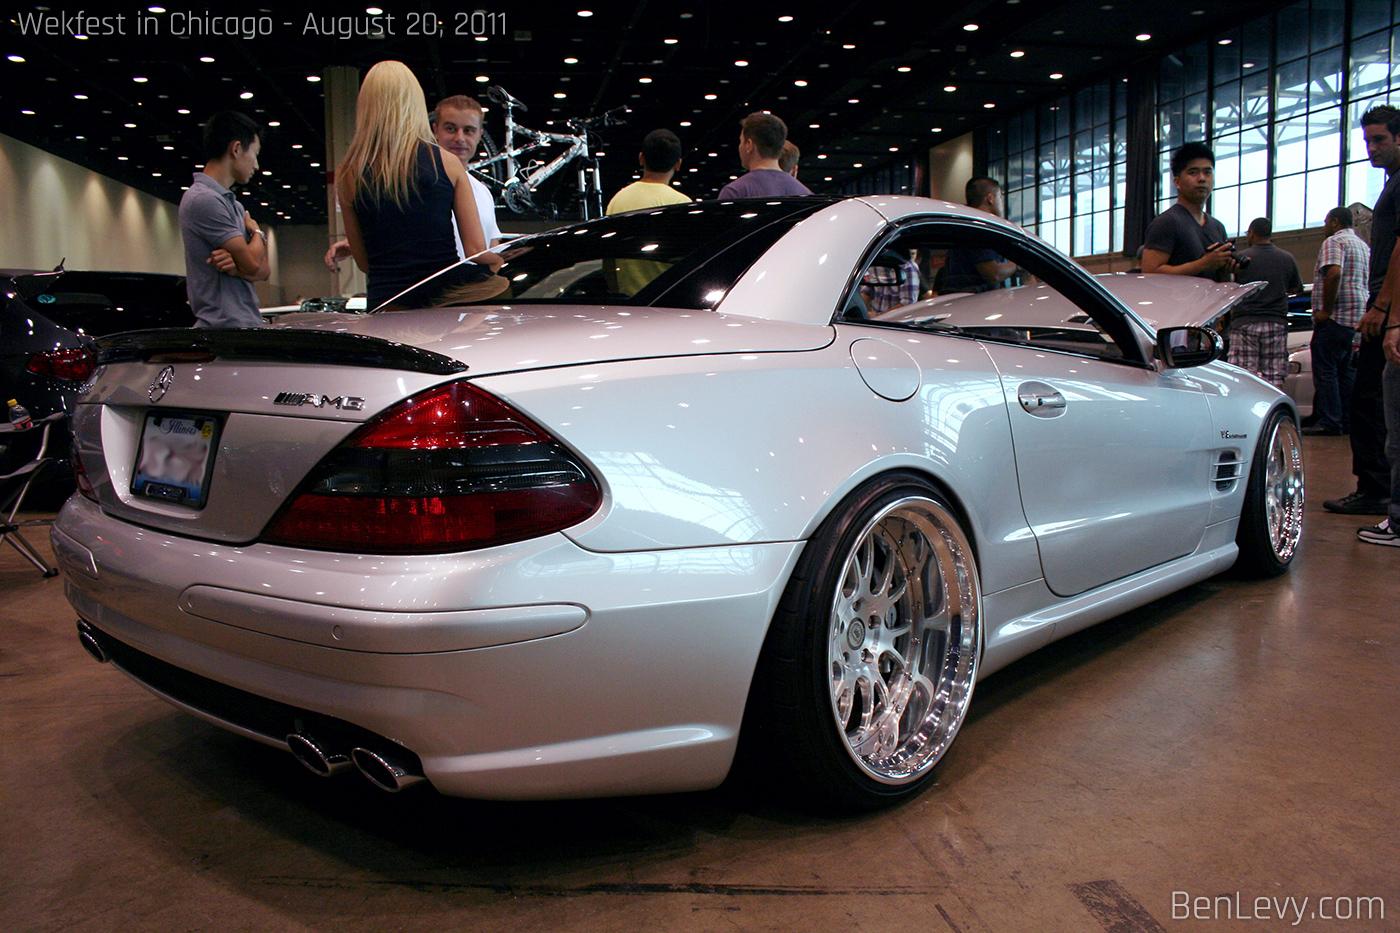 Mercedes Benz Sl55 Amg Benlevy Com